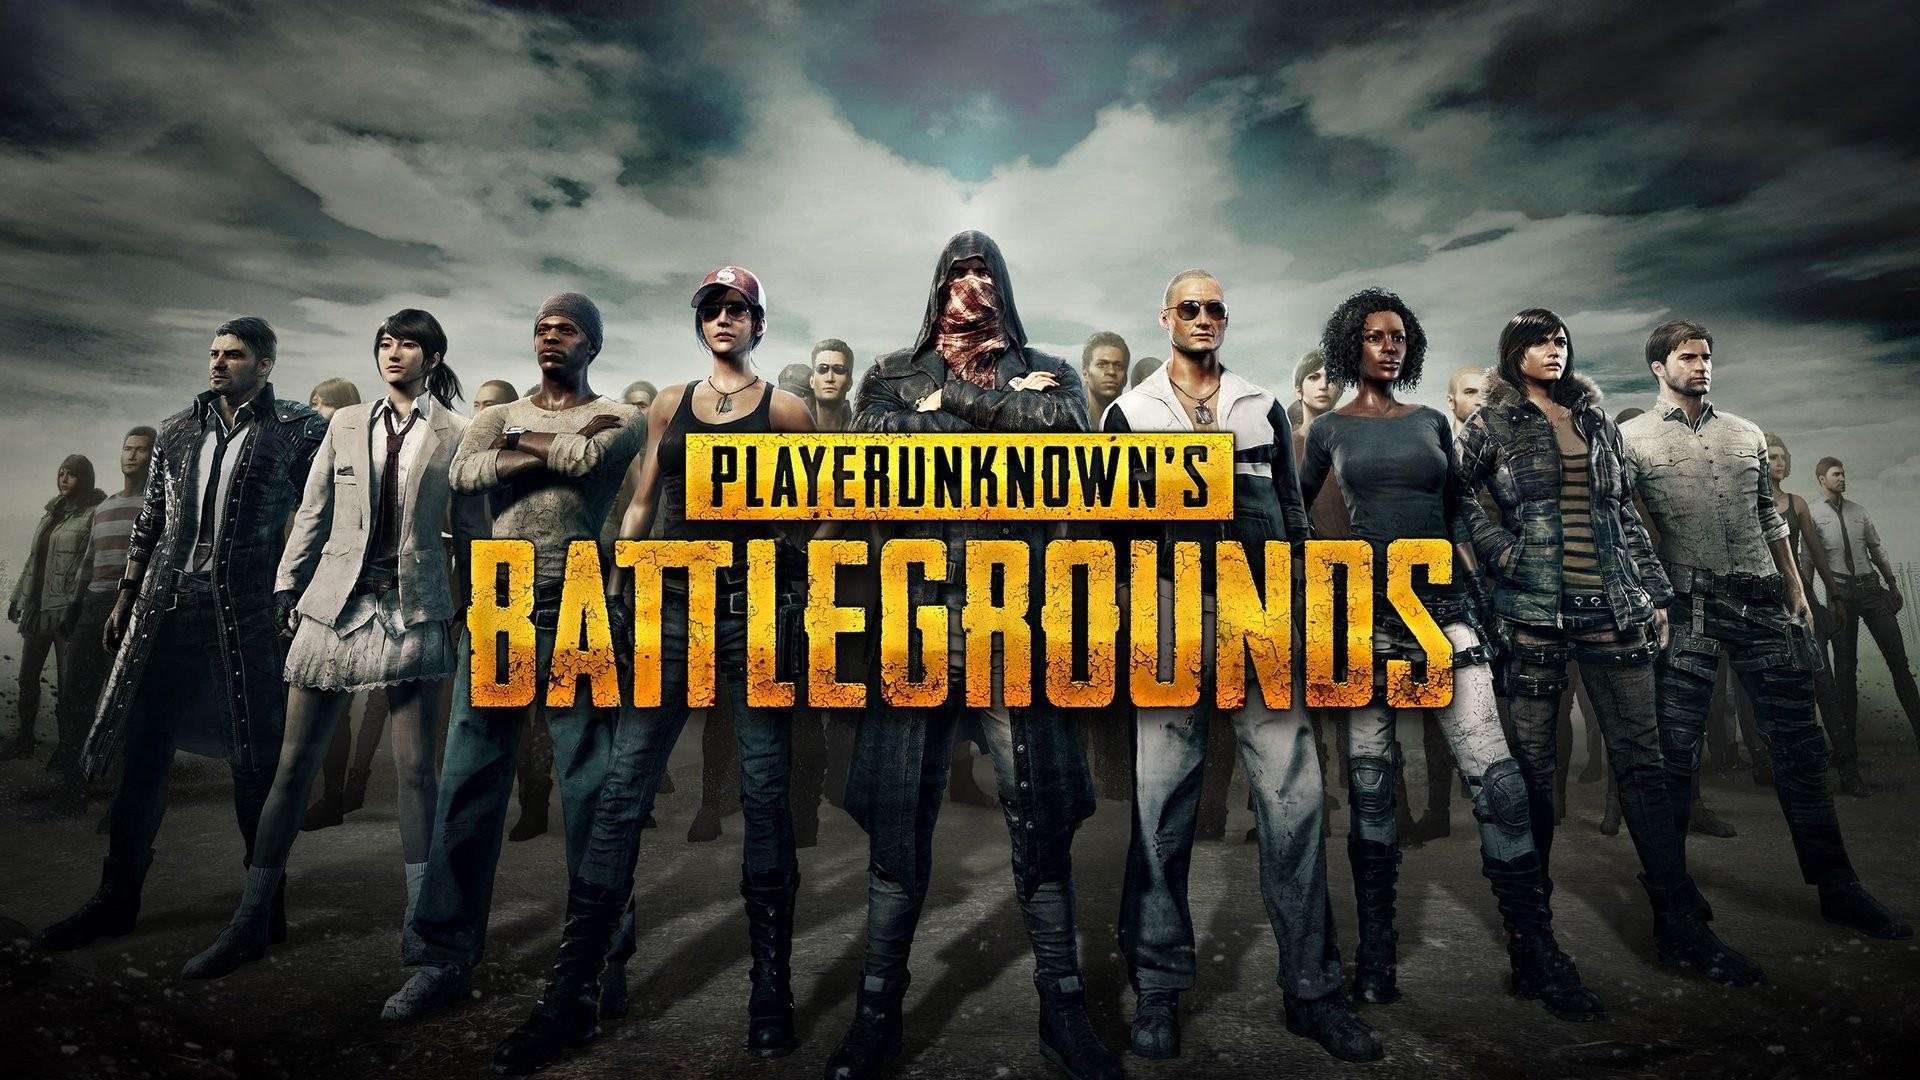 PlayerUnknown's Battlegrounds PUBG HD Wallpapers